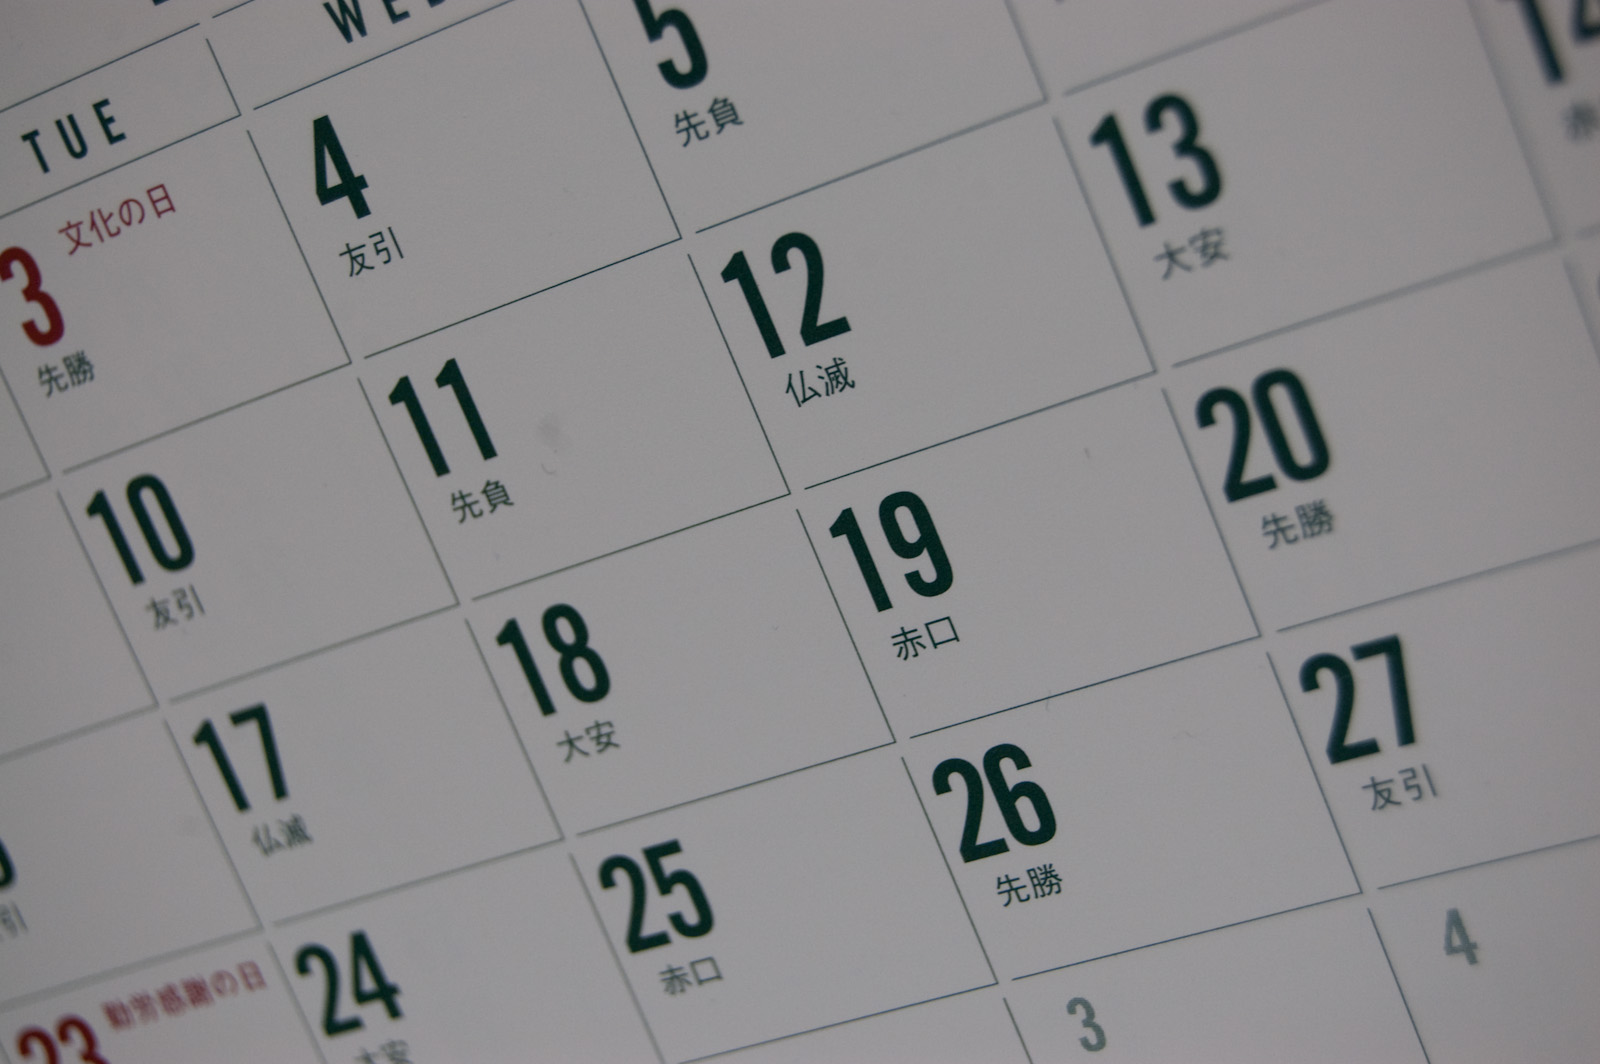 浦和レッズ2013年試合日程を表にまとめました